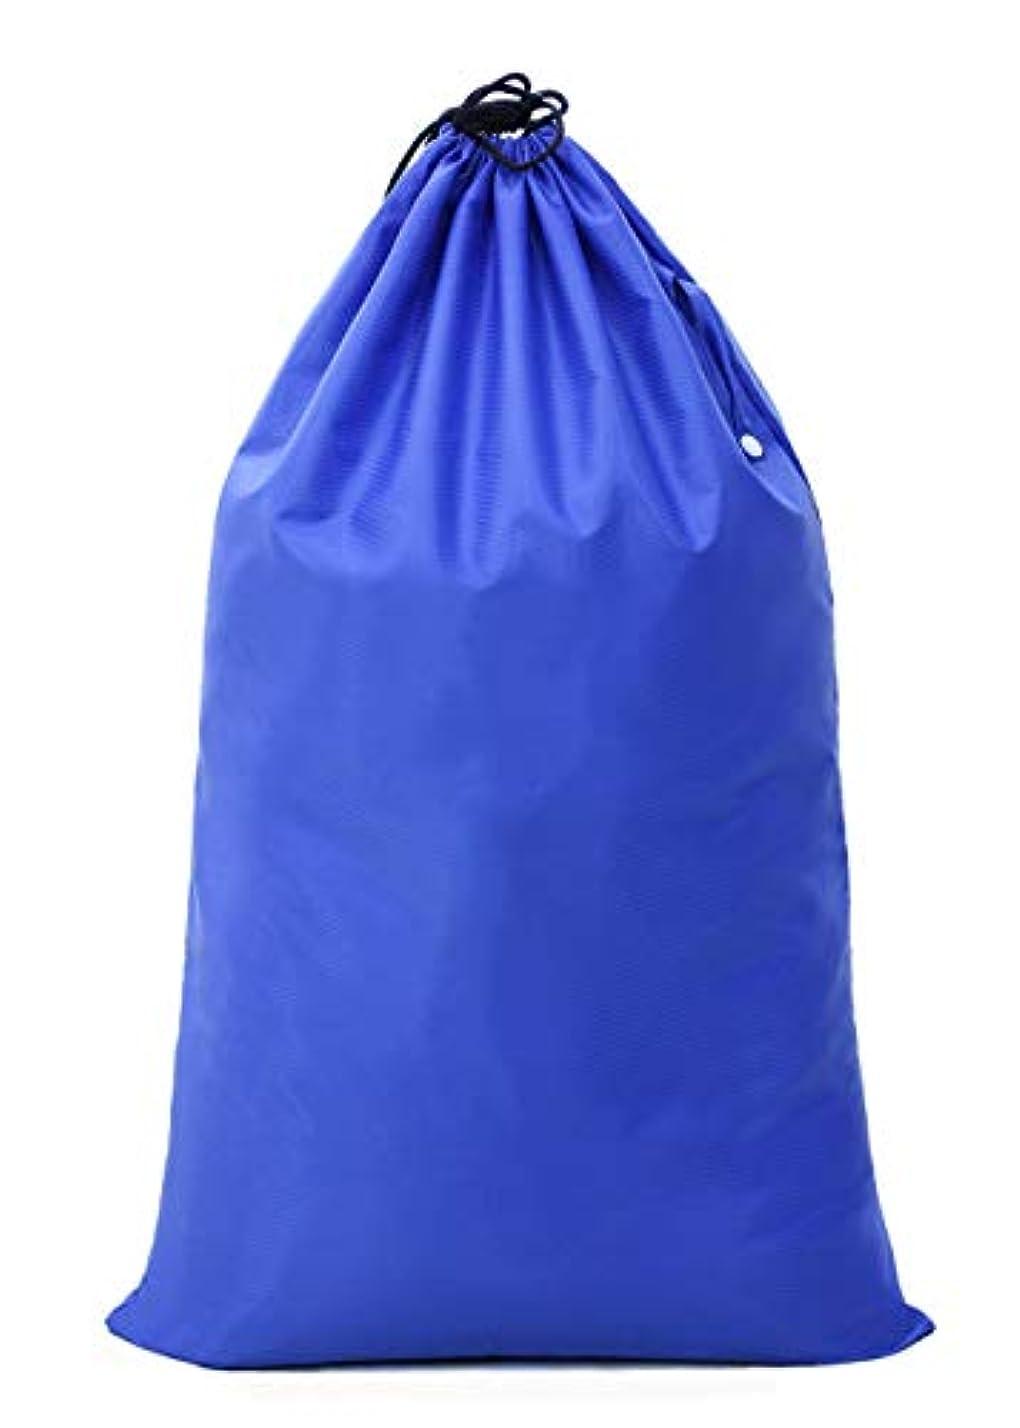 大混乱古風な幾分【Y.WINNER】特大サイズ 巾着袋 収納袋 (106*70CM) 強力撥水加工 アウトドア キャンプ 旅行 バッグ 万能巾着袋 大きいサイズの着替え袋にも使える YWN9976K ブルー (106*70CM)